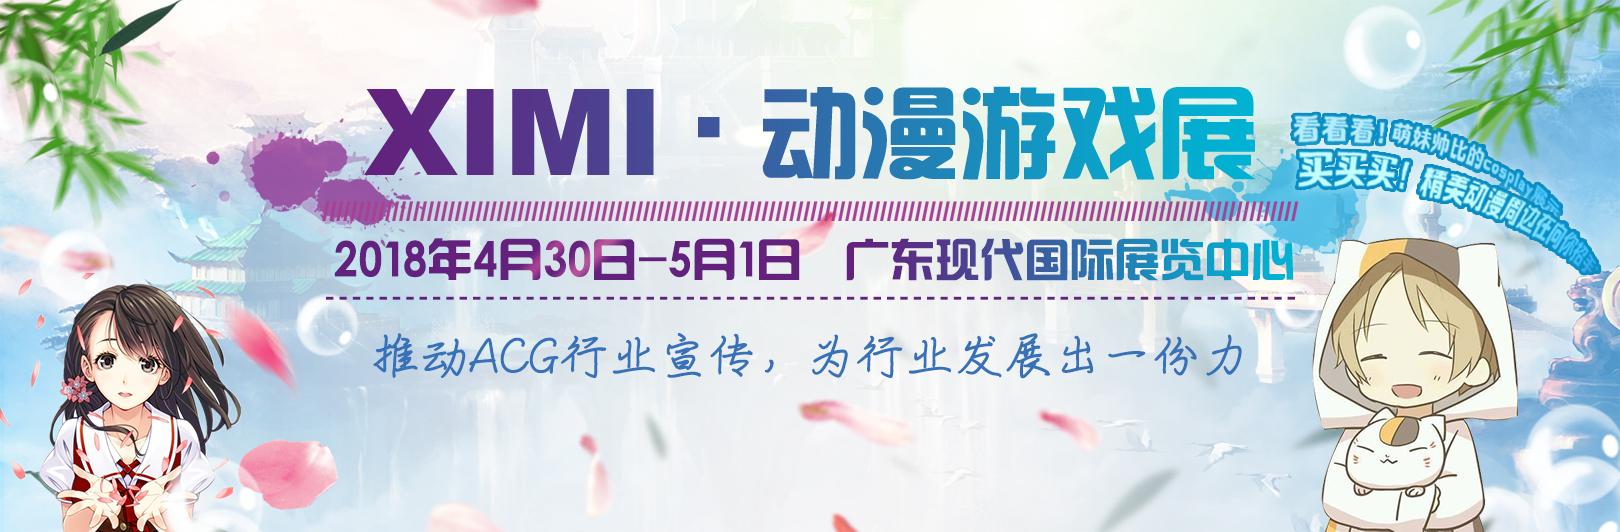 【东莞】2018年XiMi动漫游戏展